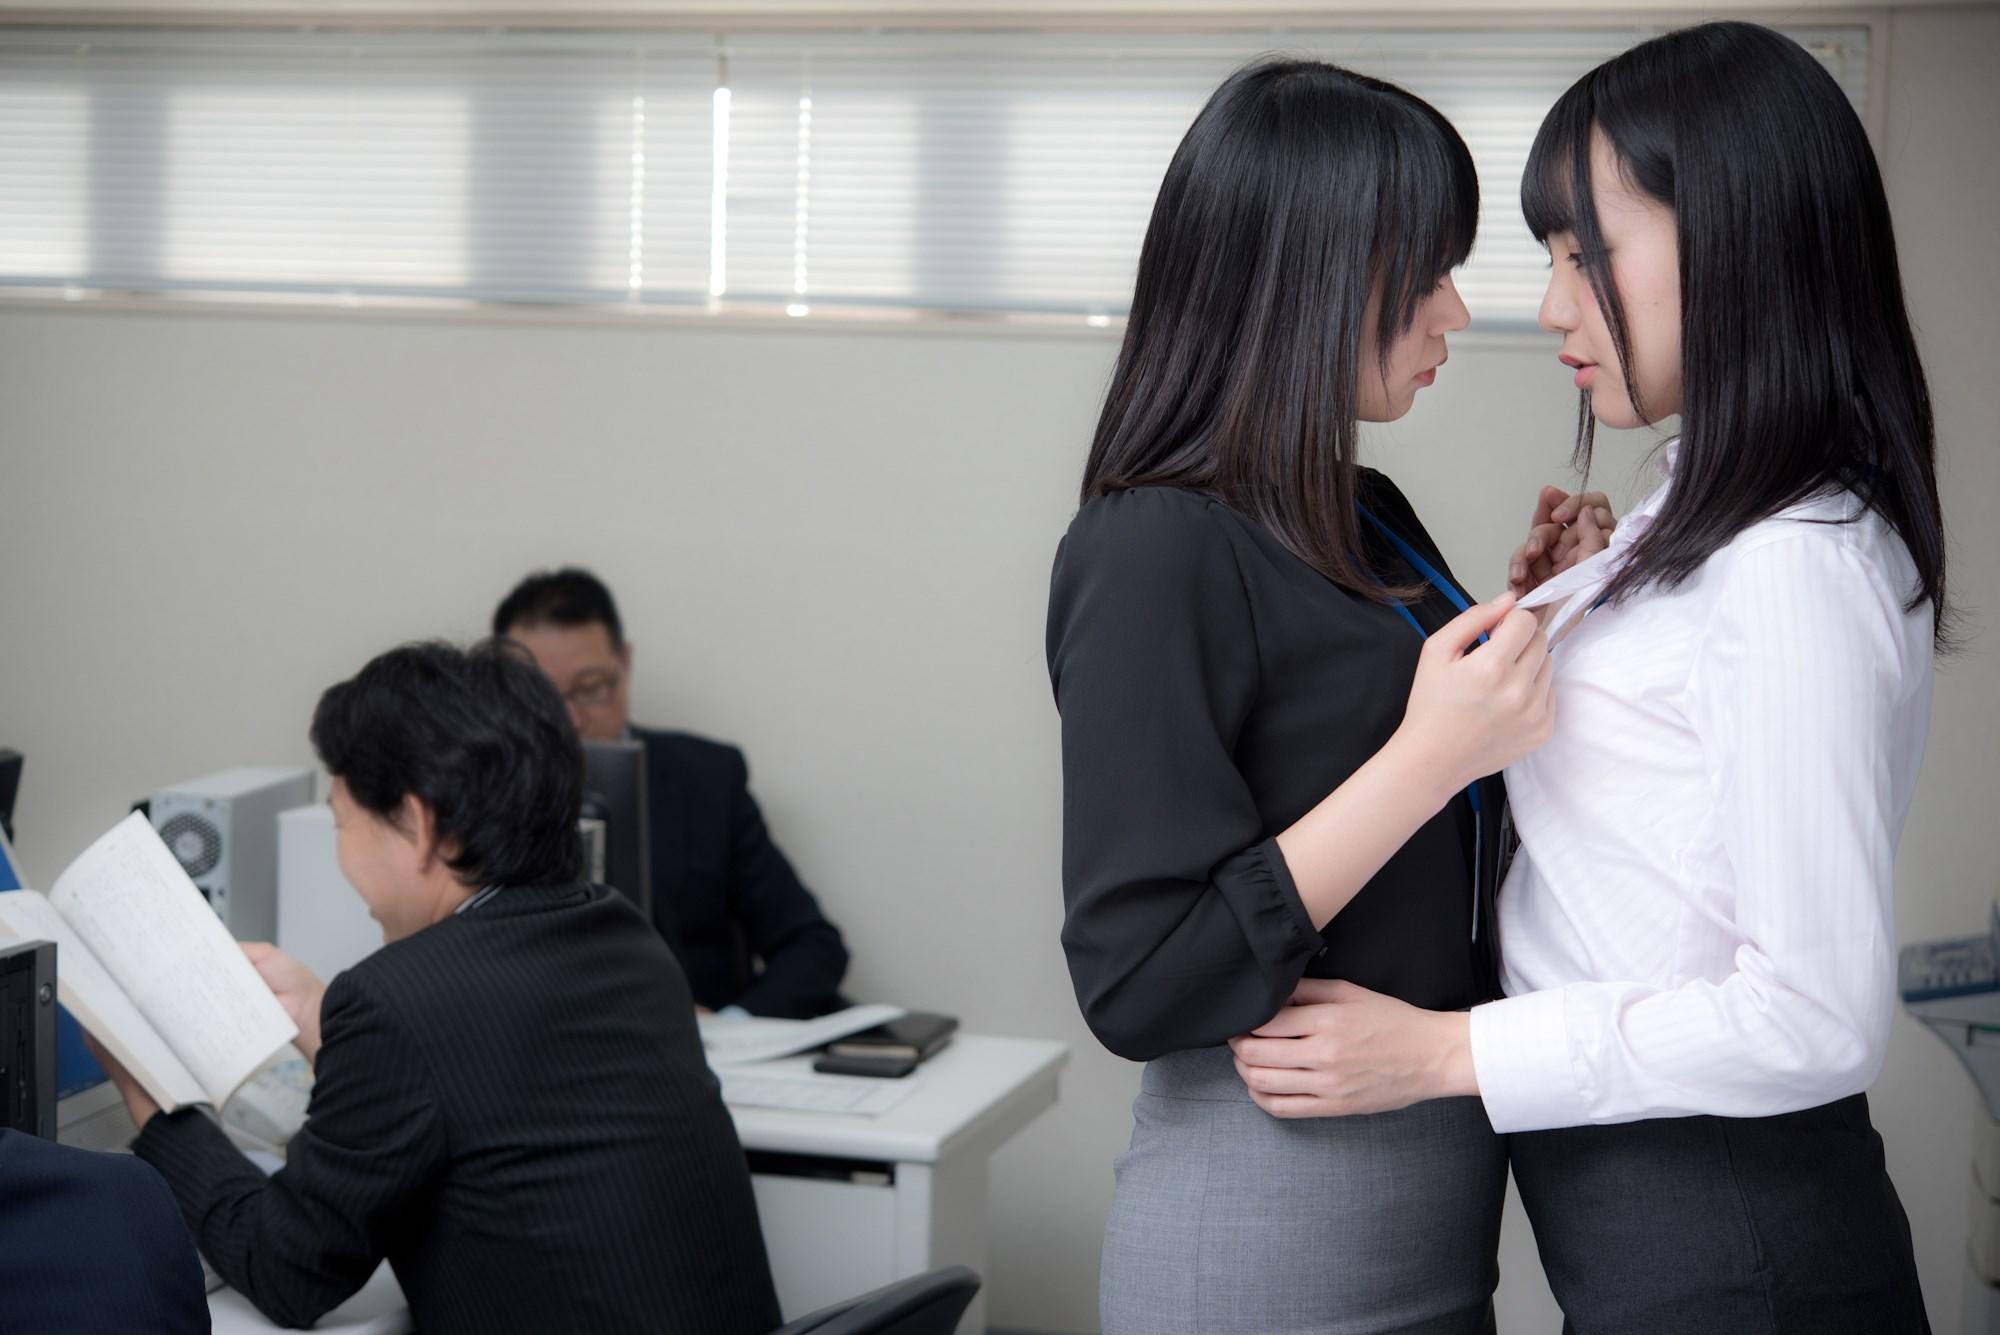 【兔玩映画】办公室的爱 兔玩映画 第57张